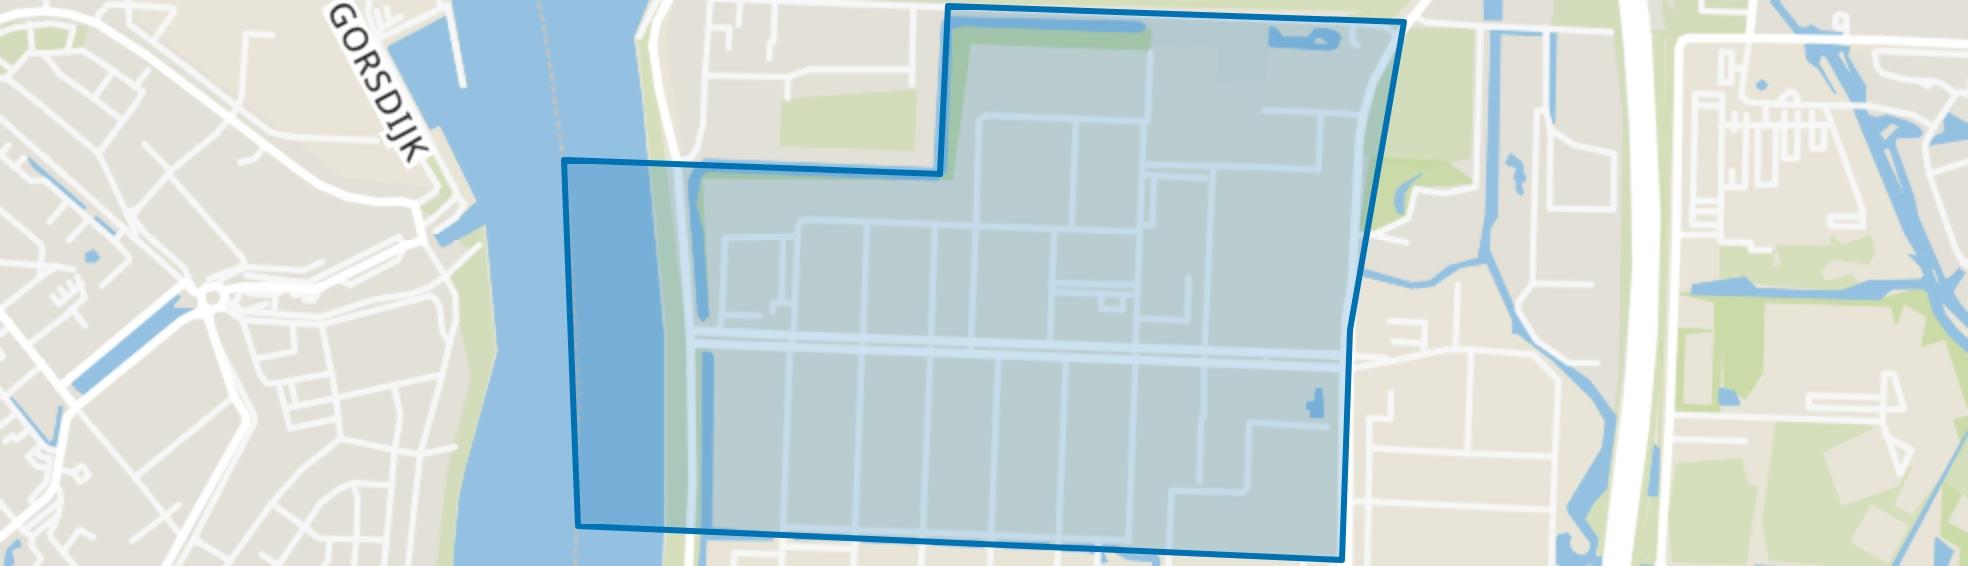 Dordtse Kil I, Dordrecht map